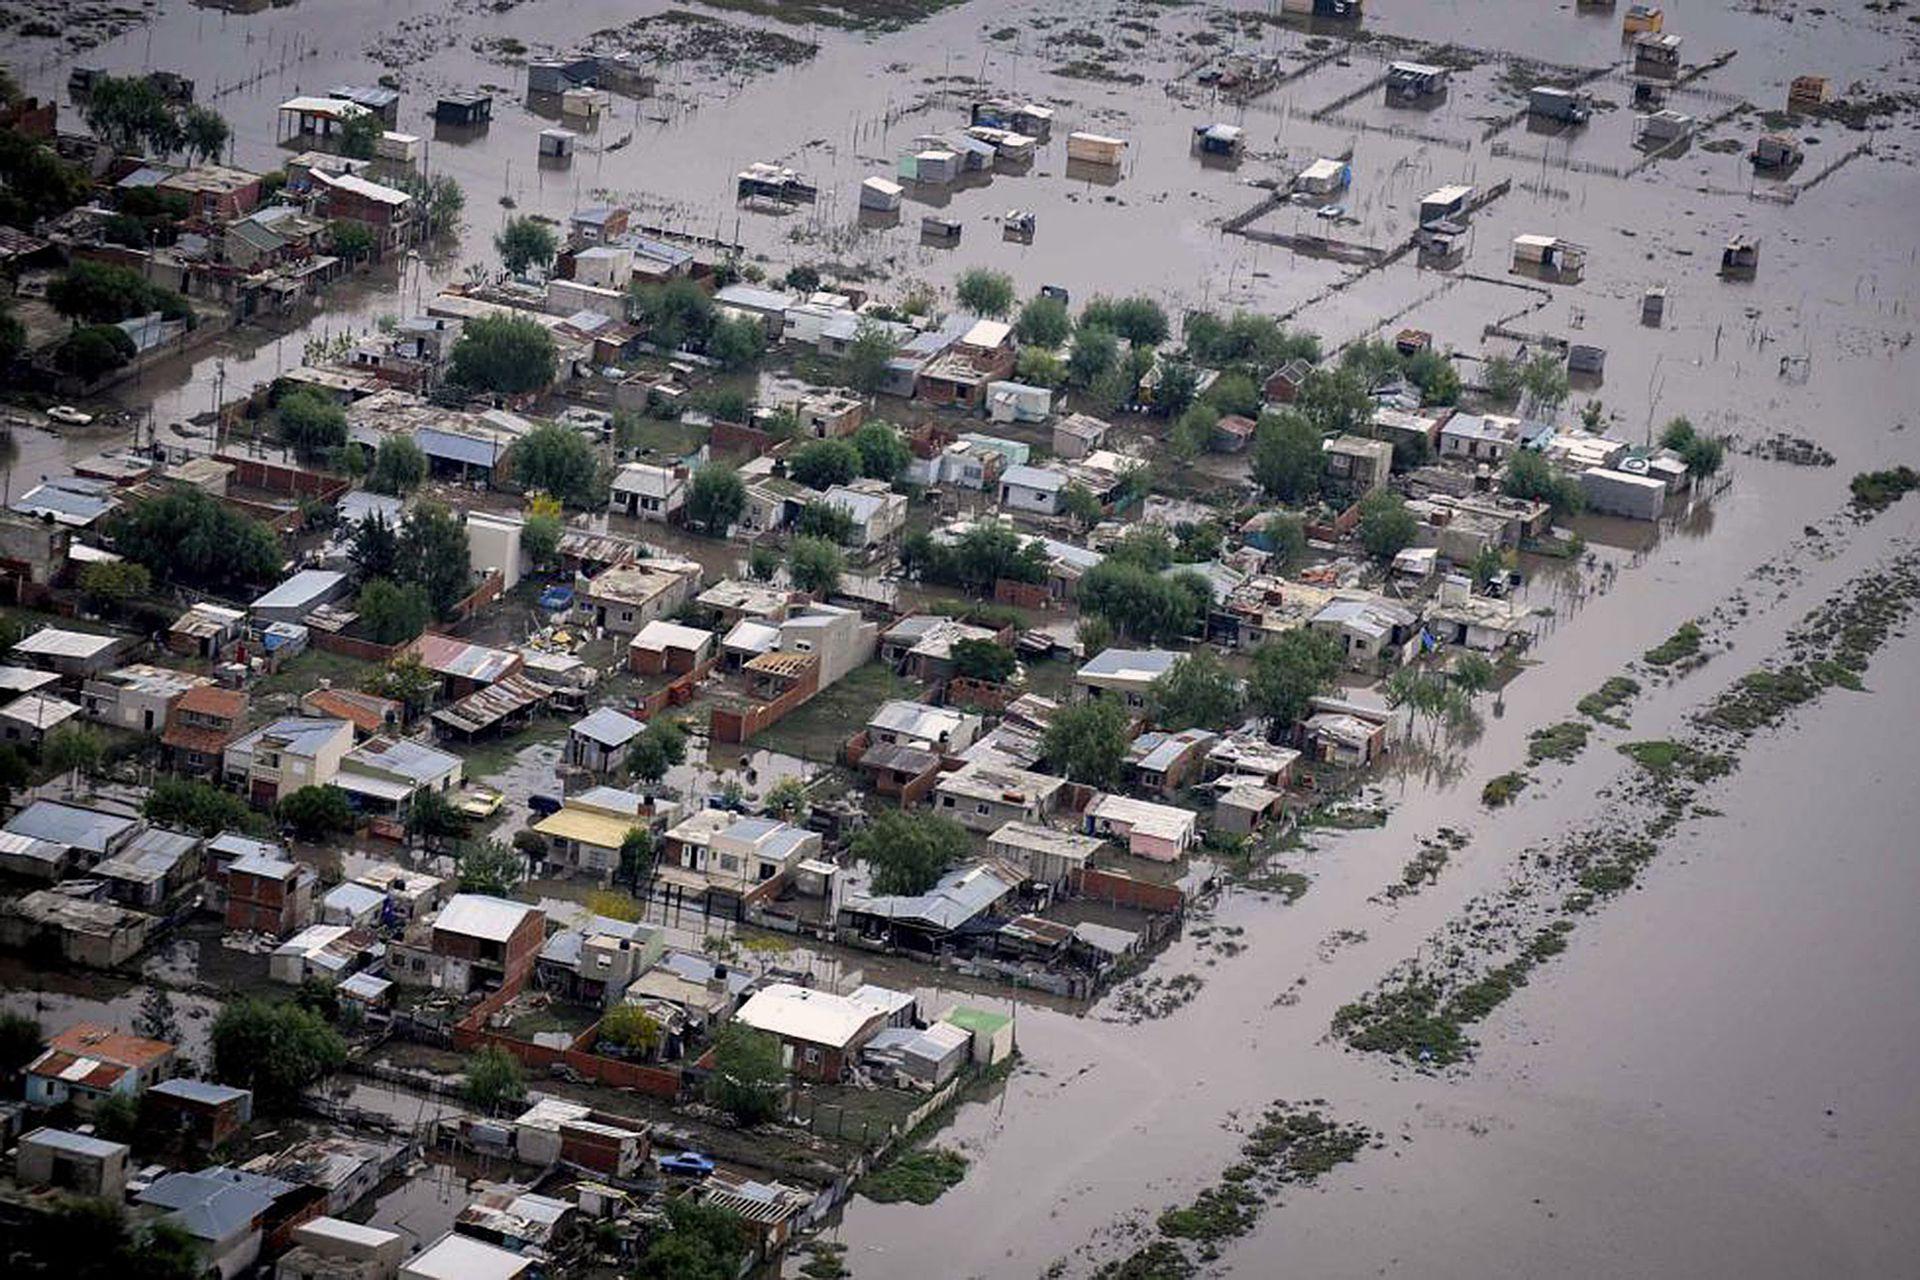 Un barrio anegado por las fuertes lluvias en La Plata, el 3 de abril de 2013